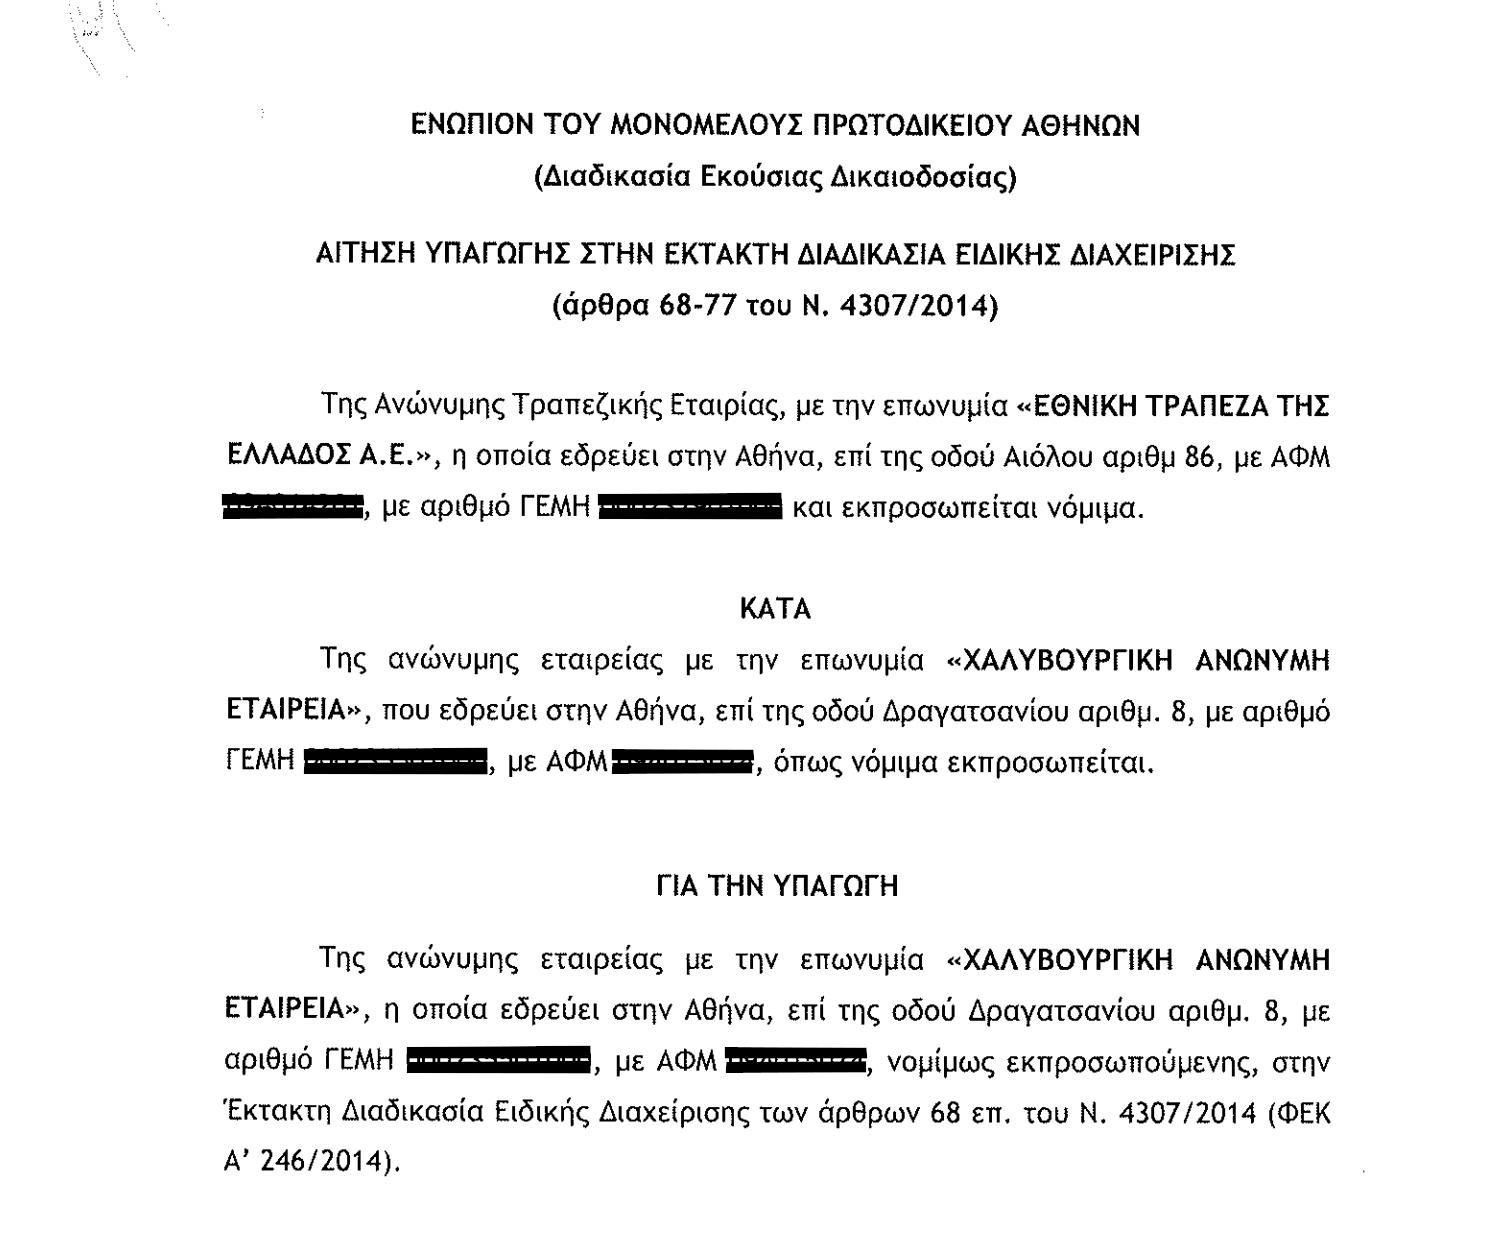 chalyvoyrgiki-se-eidiki-diacheirisi-dia-cheiros-ethnikis-trapezas0